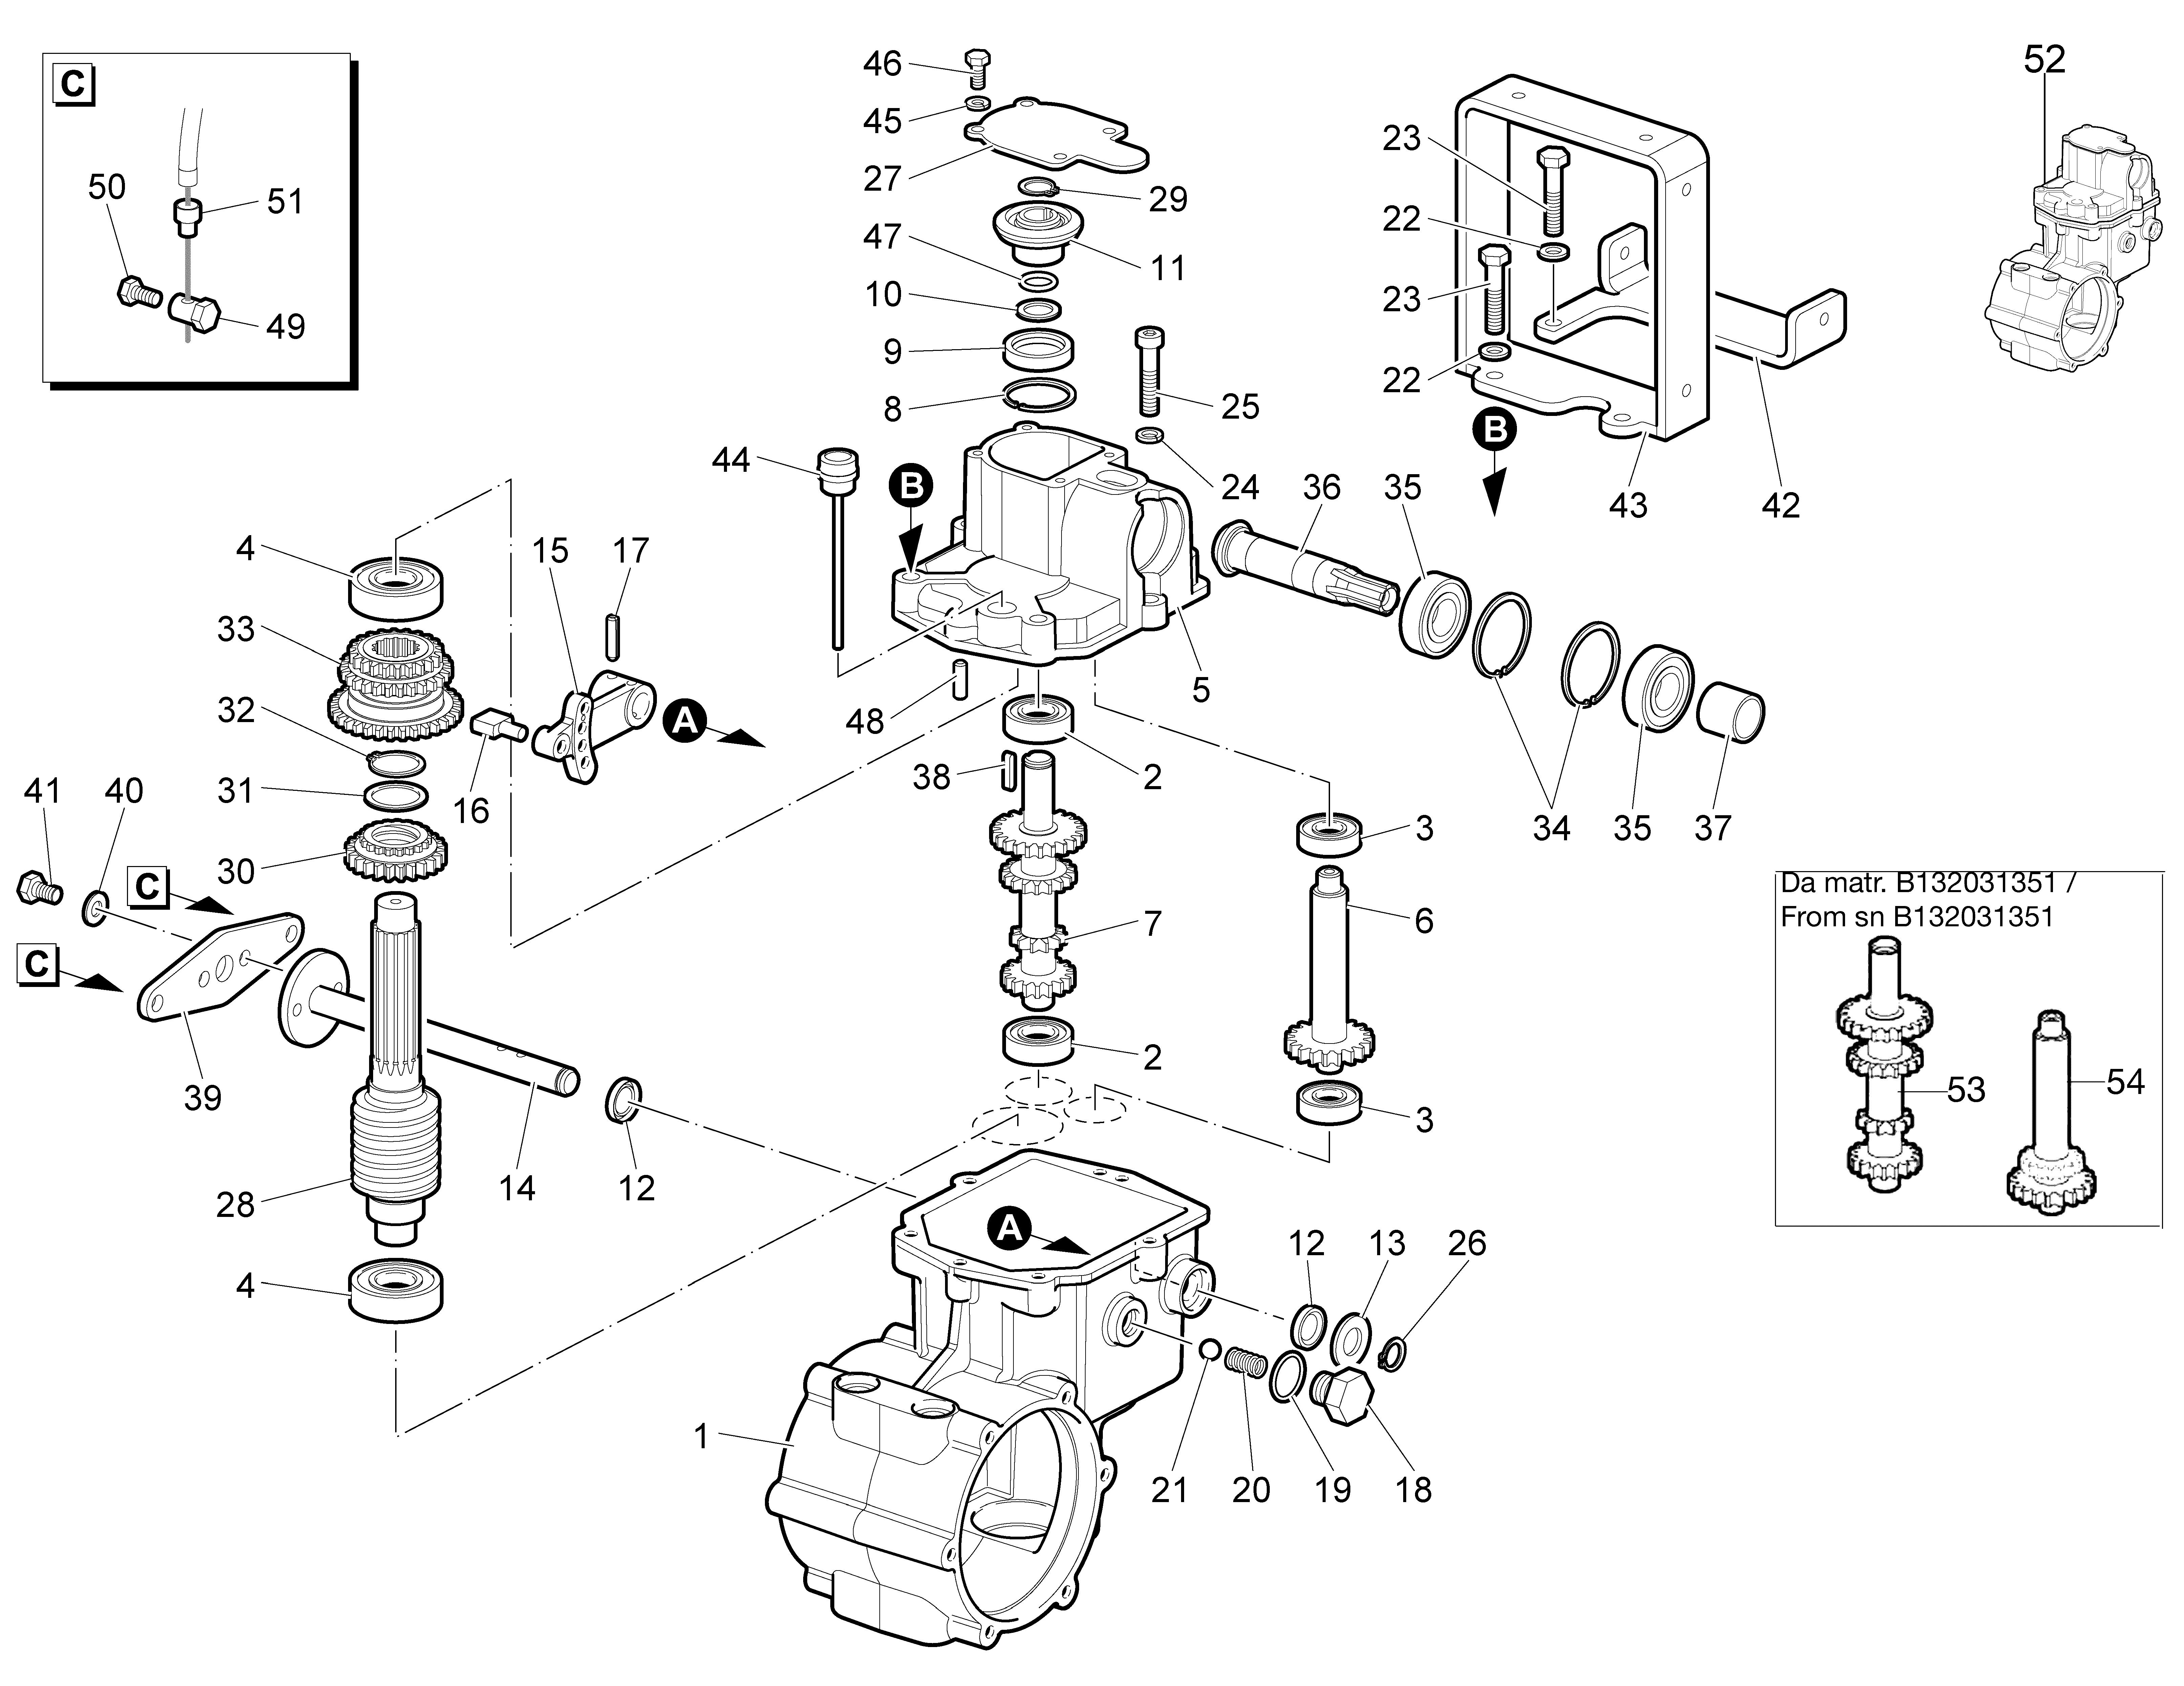 WB 65 HR 8,5 Tondeuse à fléaux  Oleomac vue éclatée Dessins pièces -  Engrenages de la boite a vitesse (1/2)